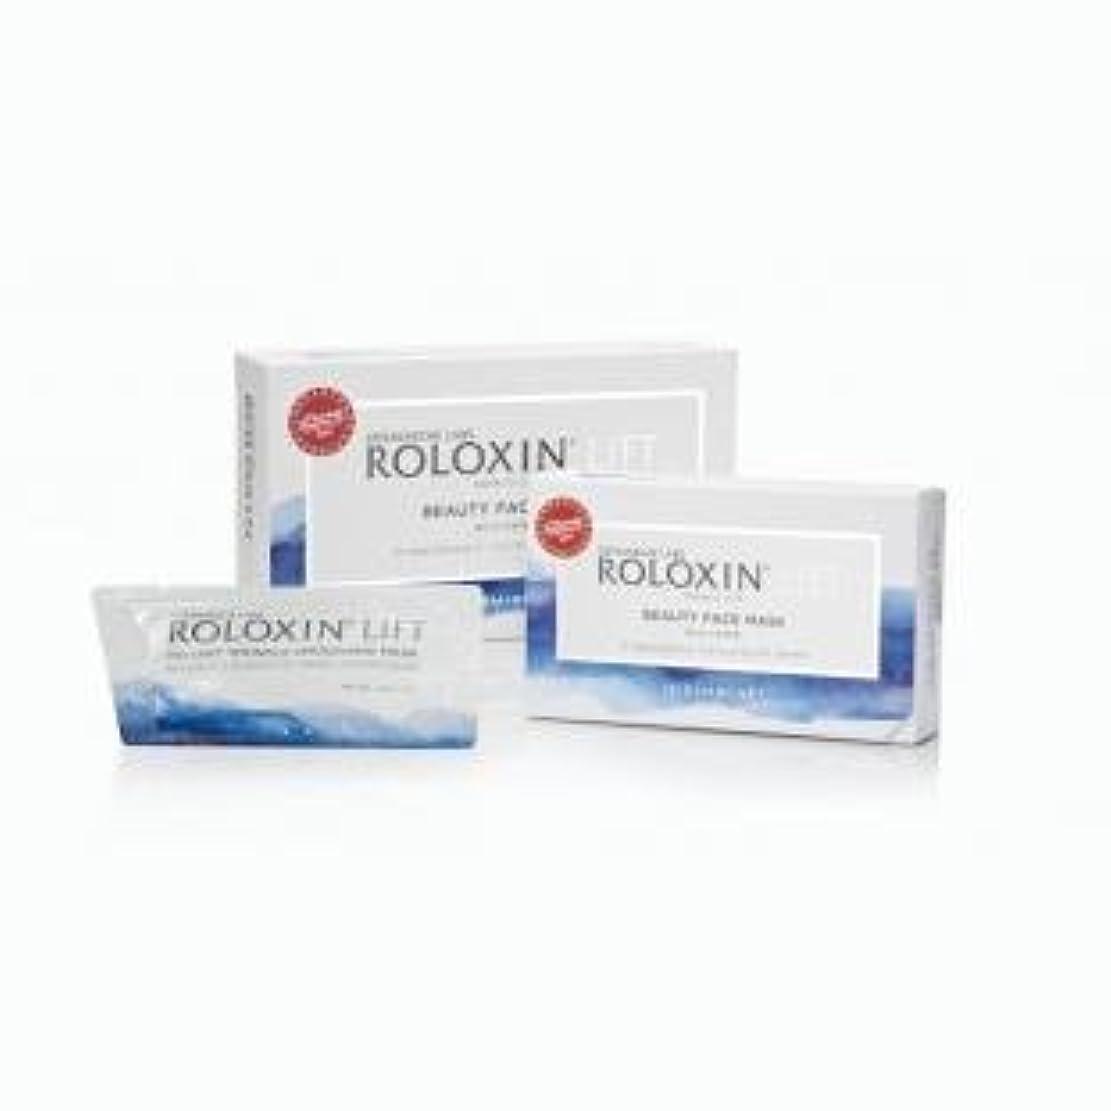 示す告発者とティームROLOXIIN LIFT(ロロキシン リフト) 5個パック